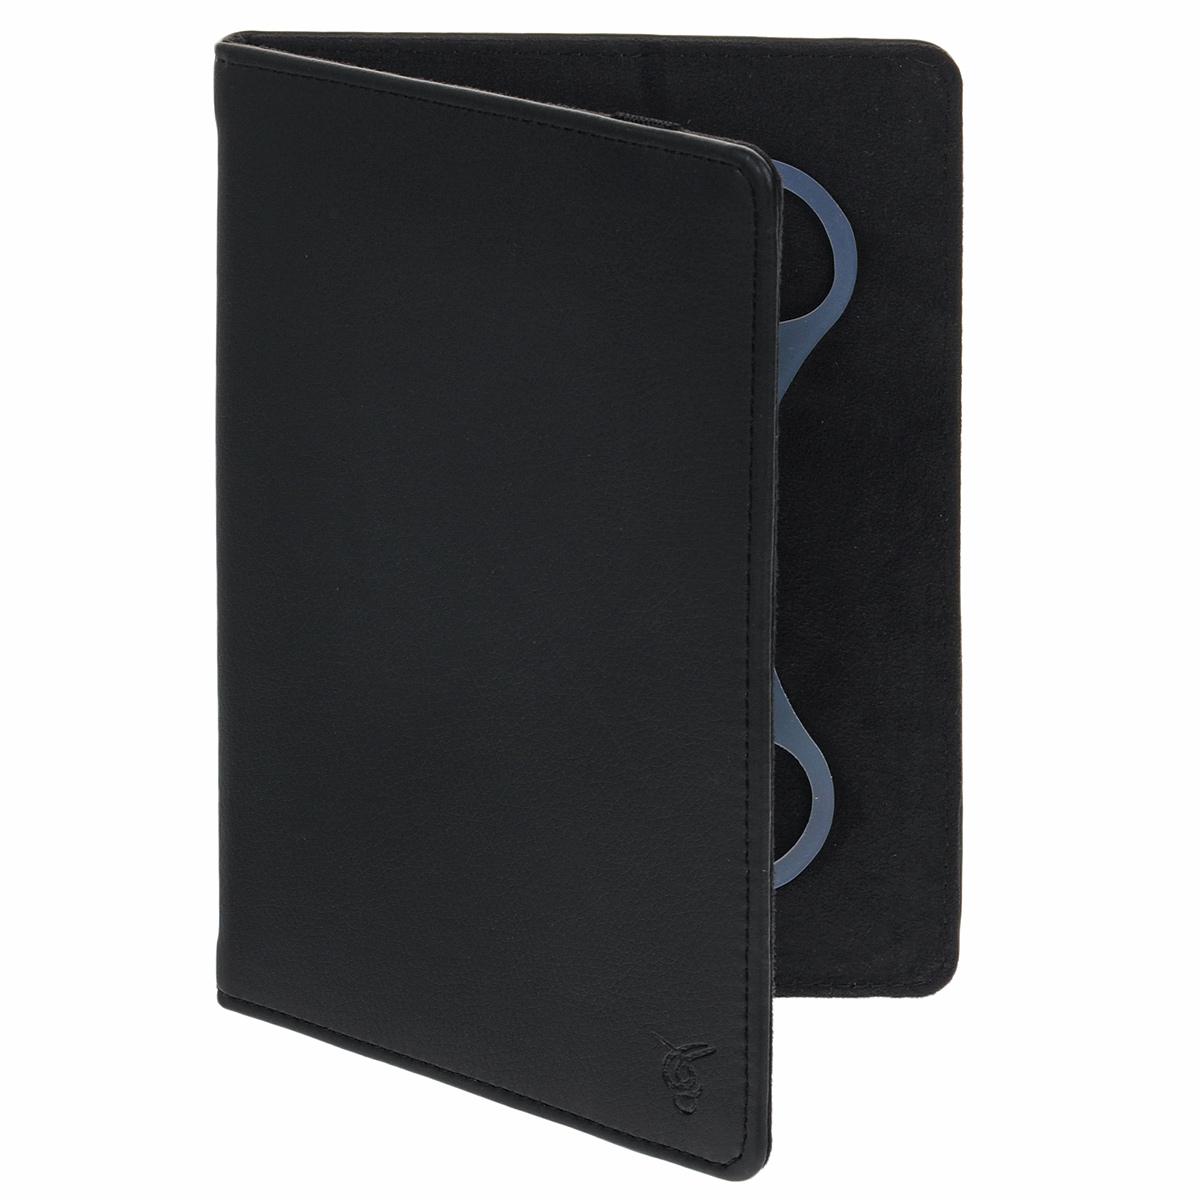 Vivacase Basic универсальный чехол-обложка для планшетов 7